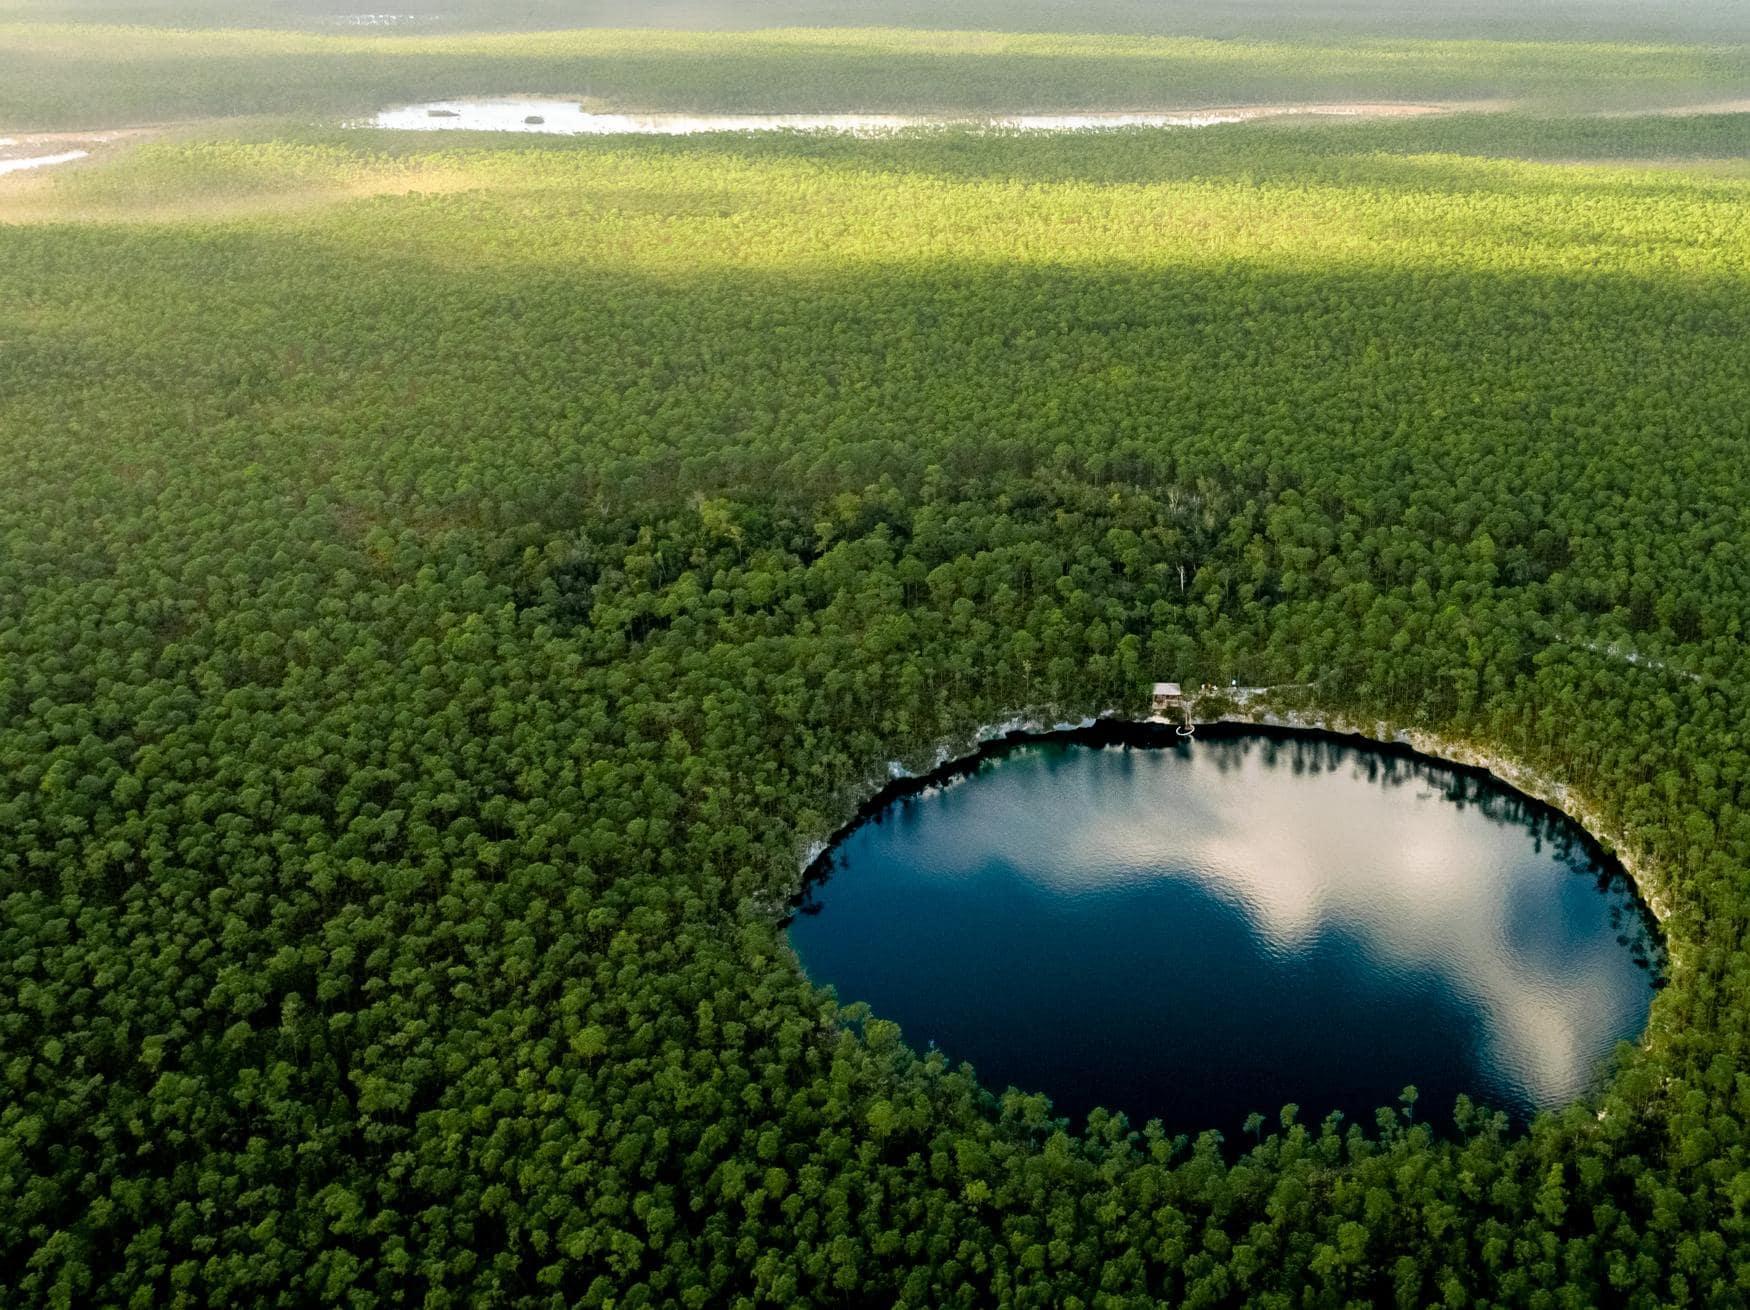 Blue Hole auf Andros, einer Insel der Bahamas